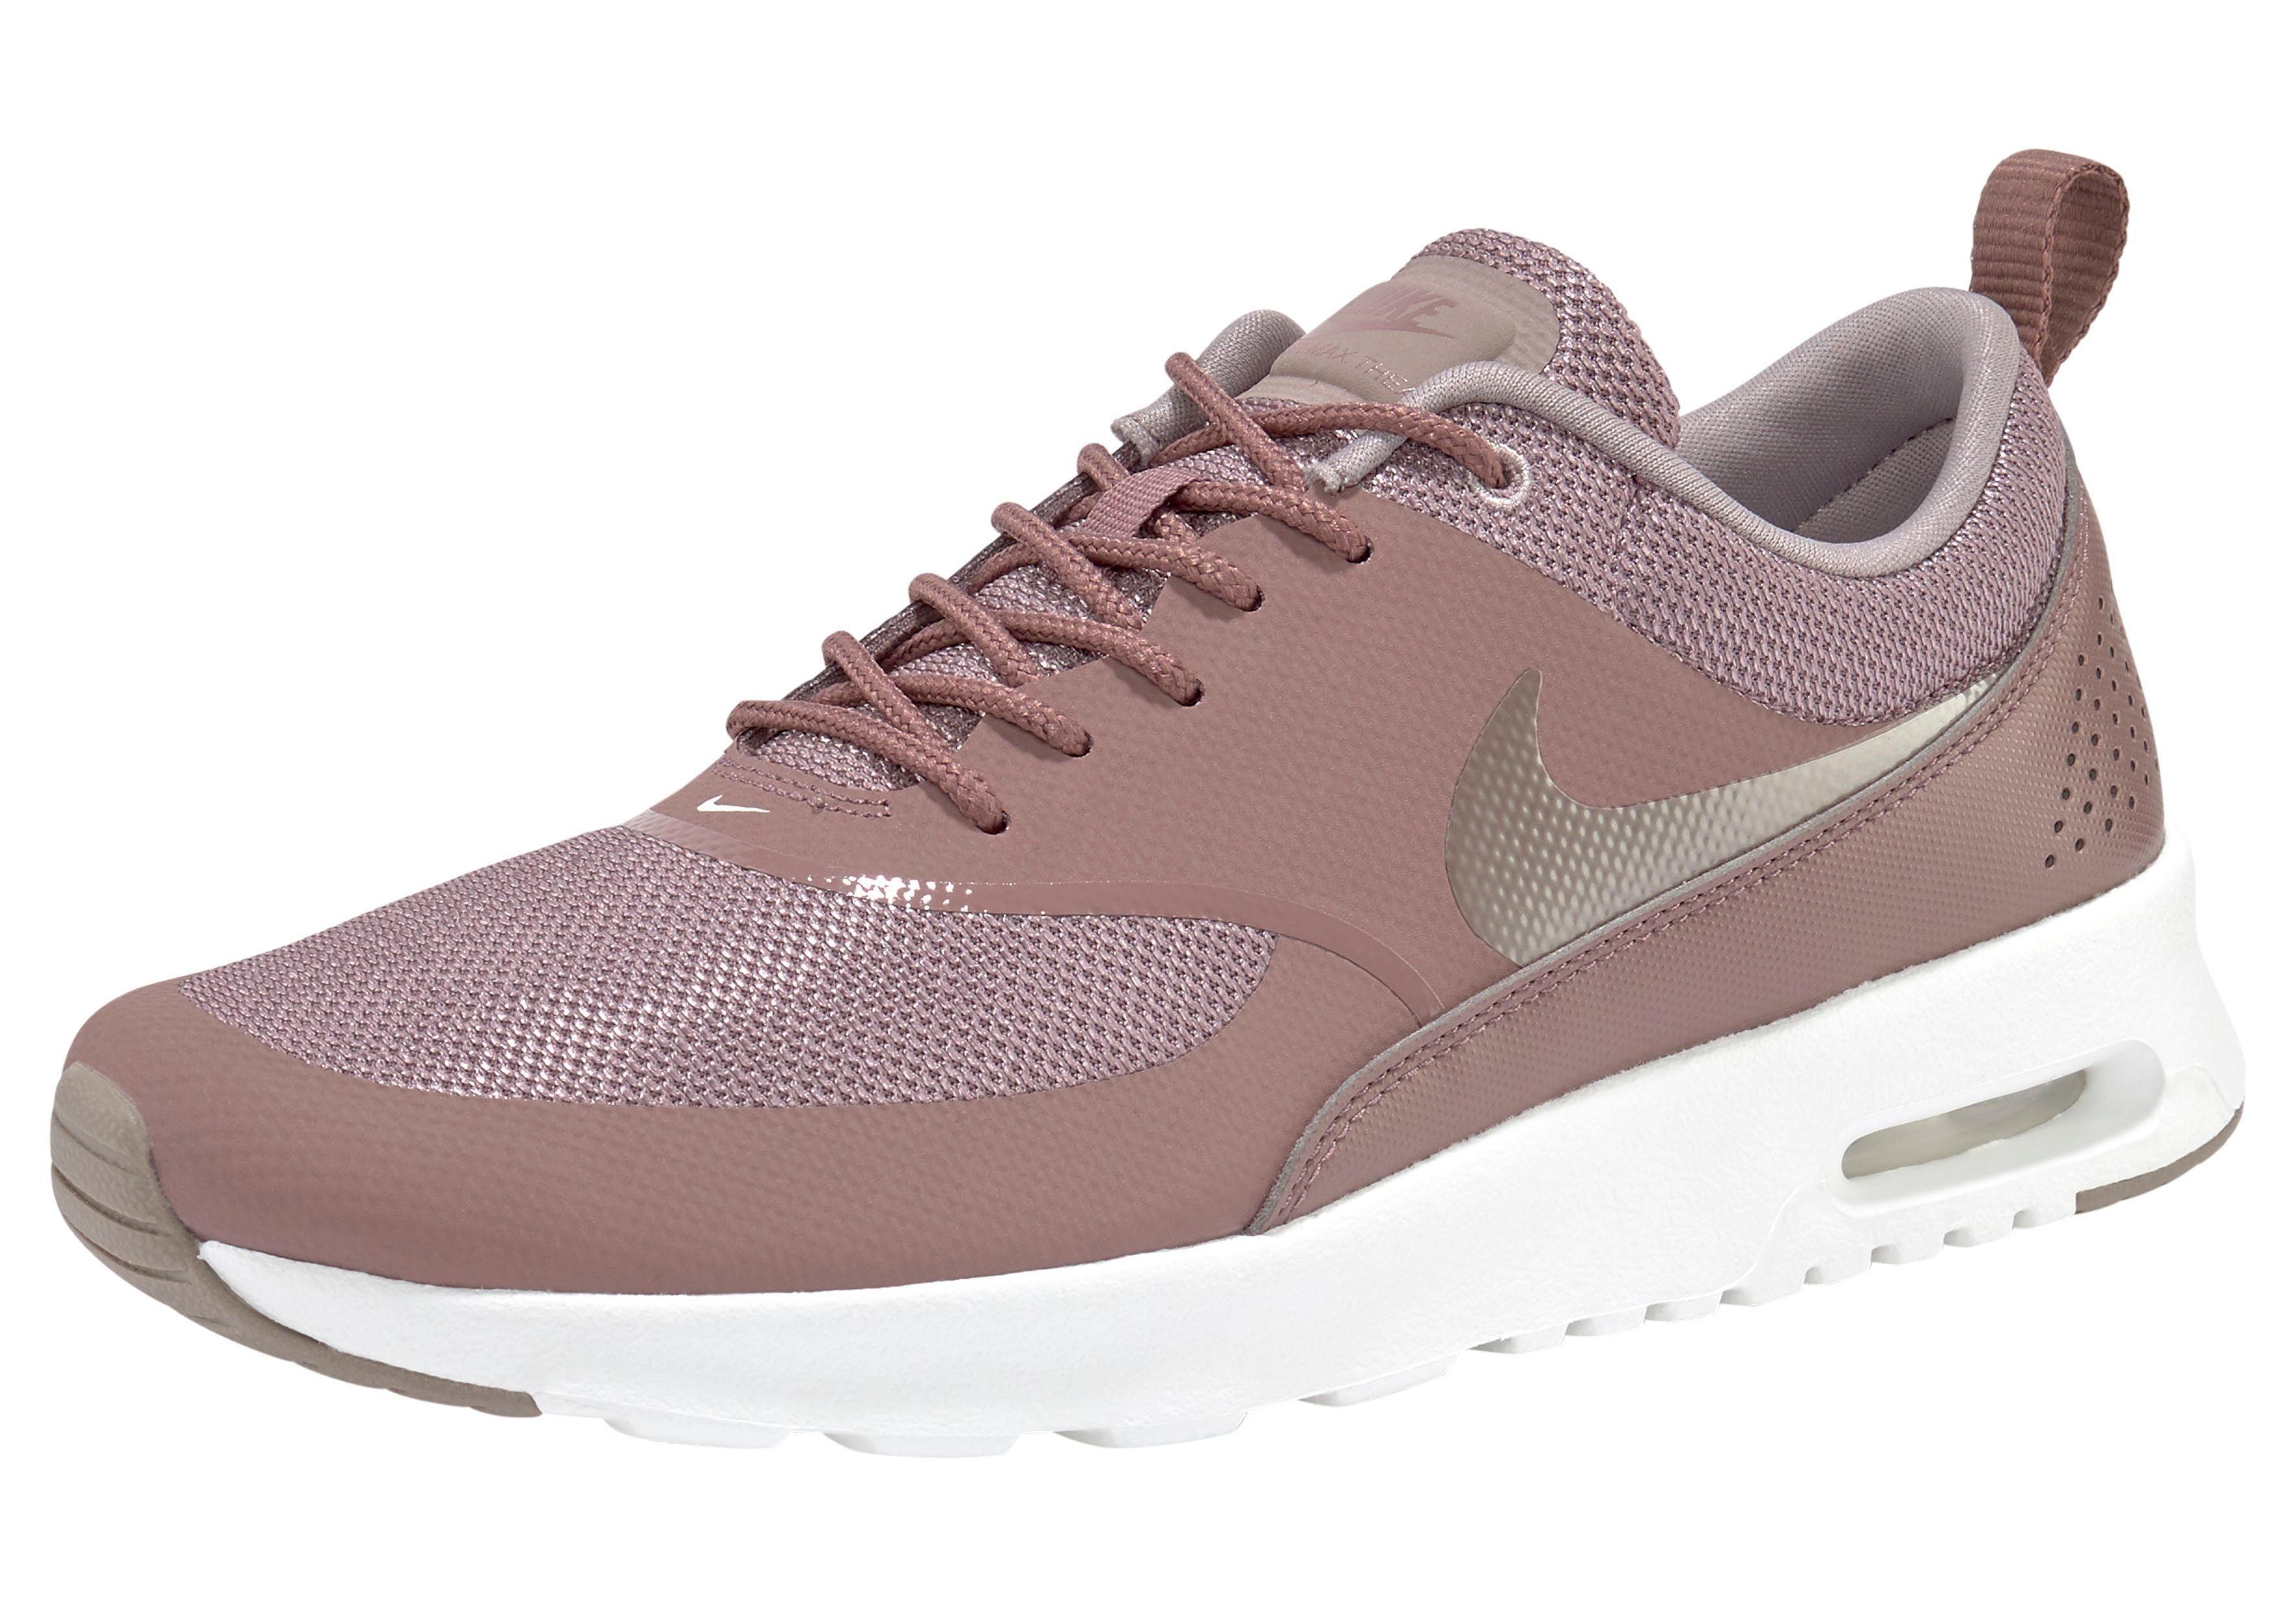 air max thea Dames Sneakers in maat 40 | KLEDING.nl